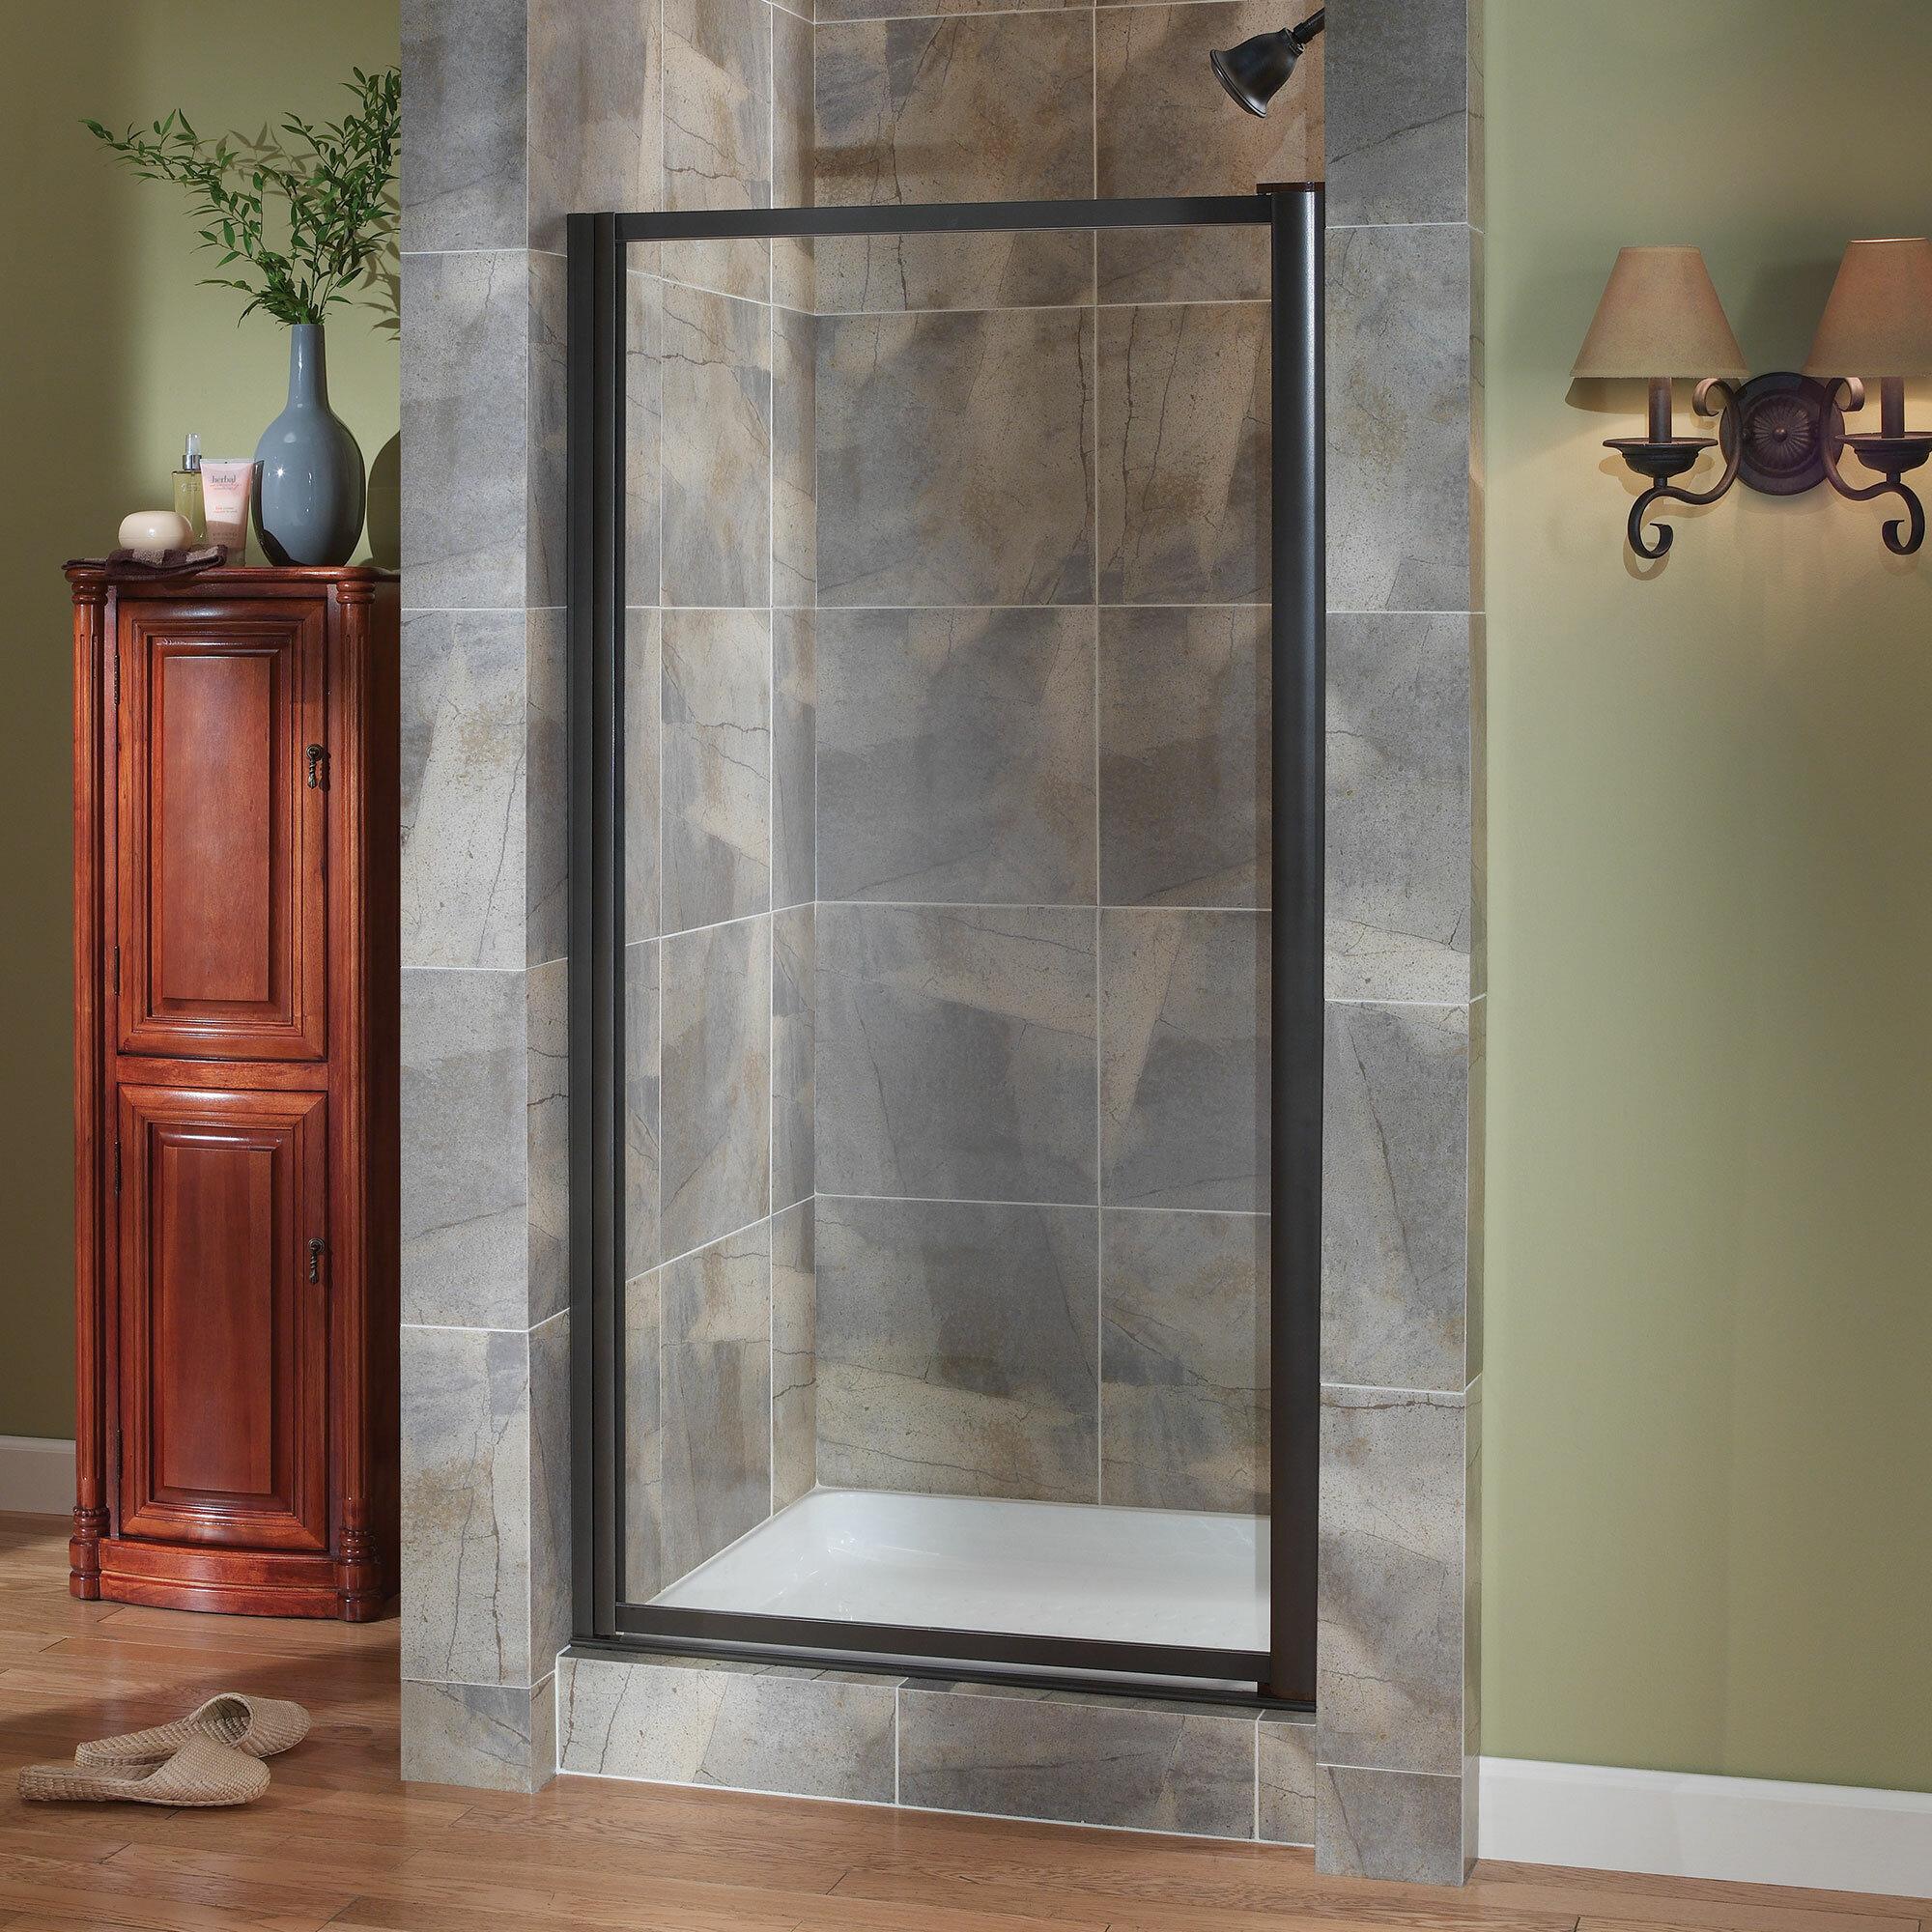 Framed Pivot Shower Doors.Tides 30 X 65 Framed Pivot Shower Door